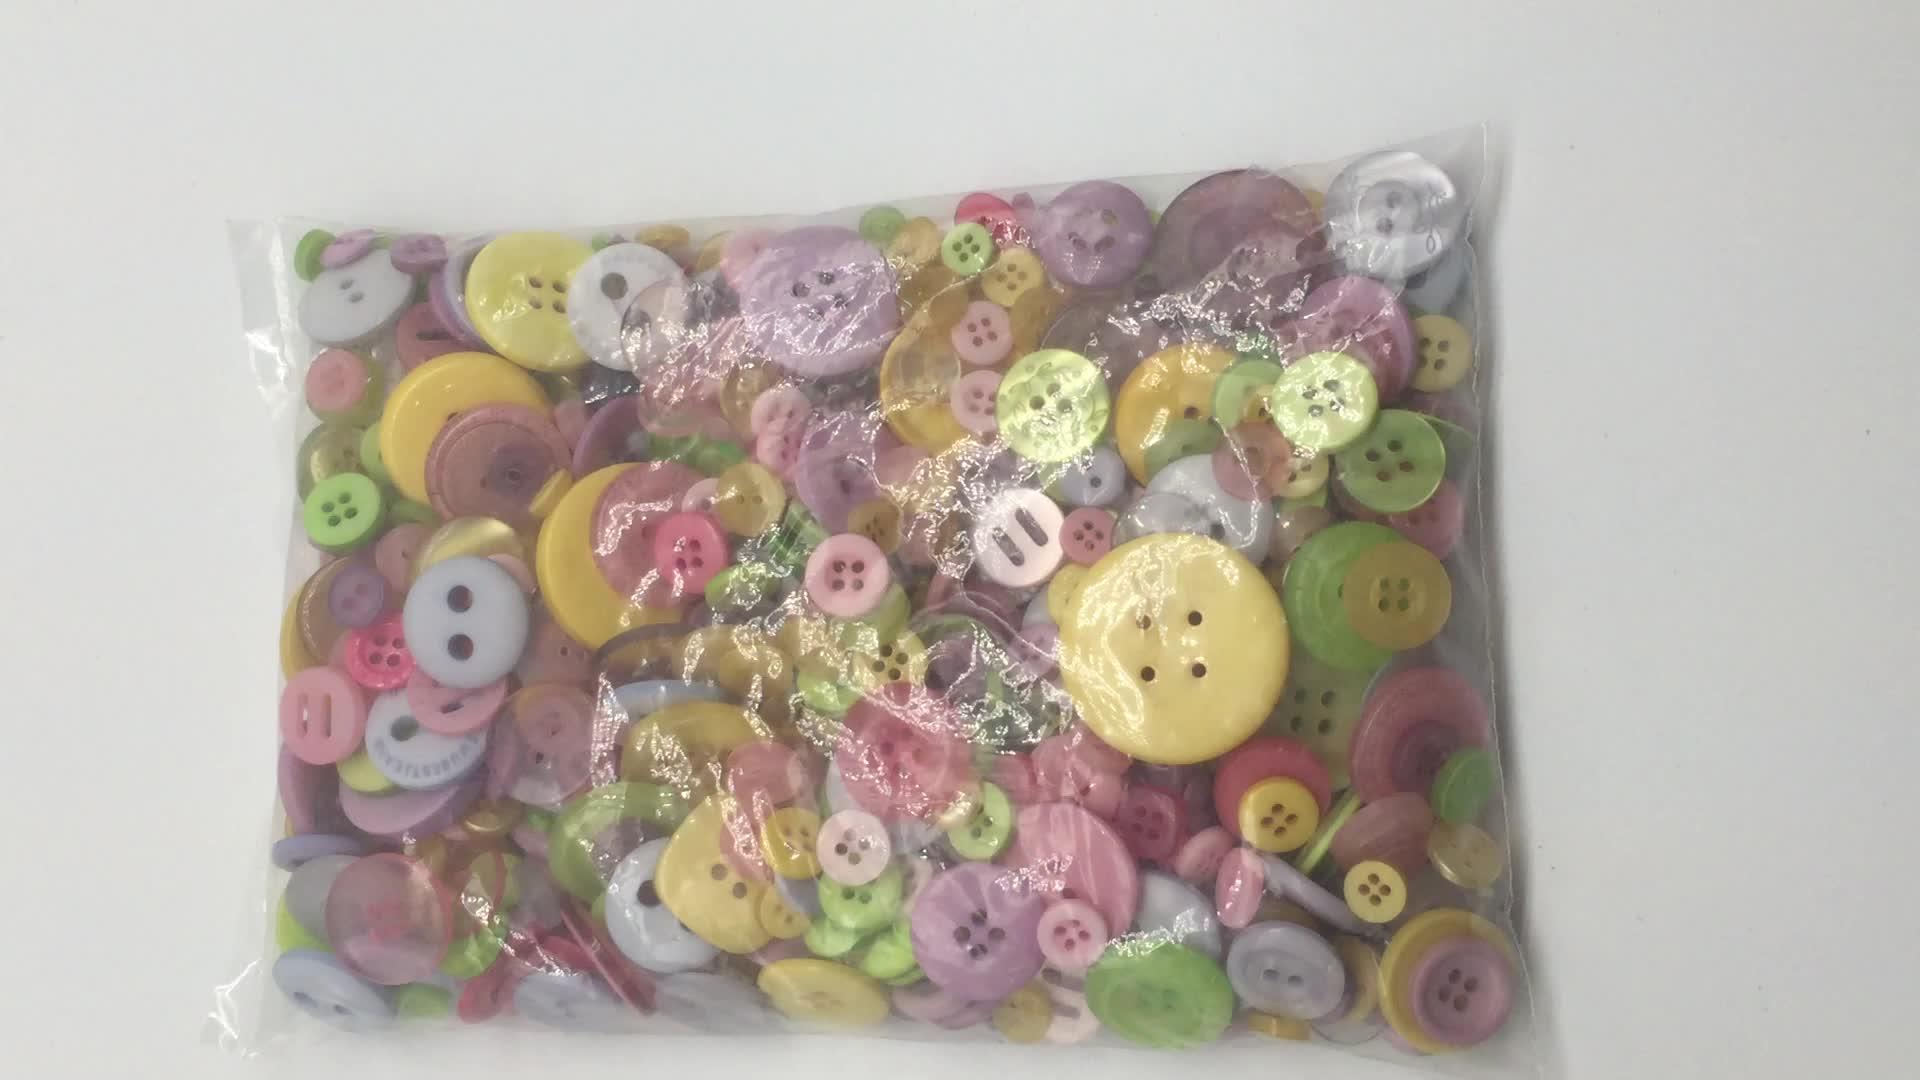 모듬 크기 파스텔 컬러 플라스틱 스터드 스냅 청바지 바느질 수지 Diy 멋진 버튼 어린이 장난감 교육 장난감 어린이 선물